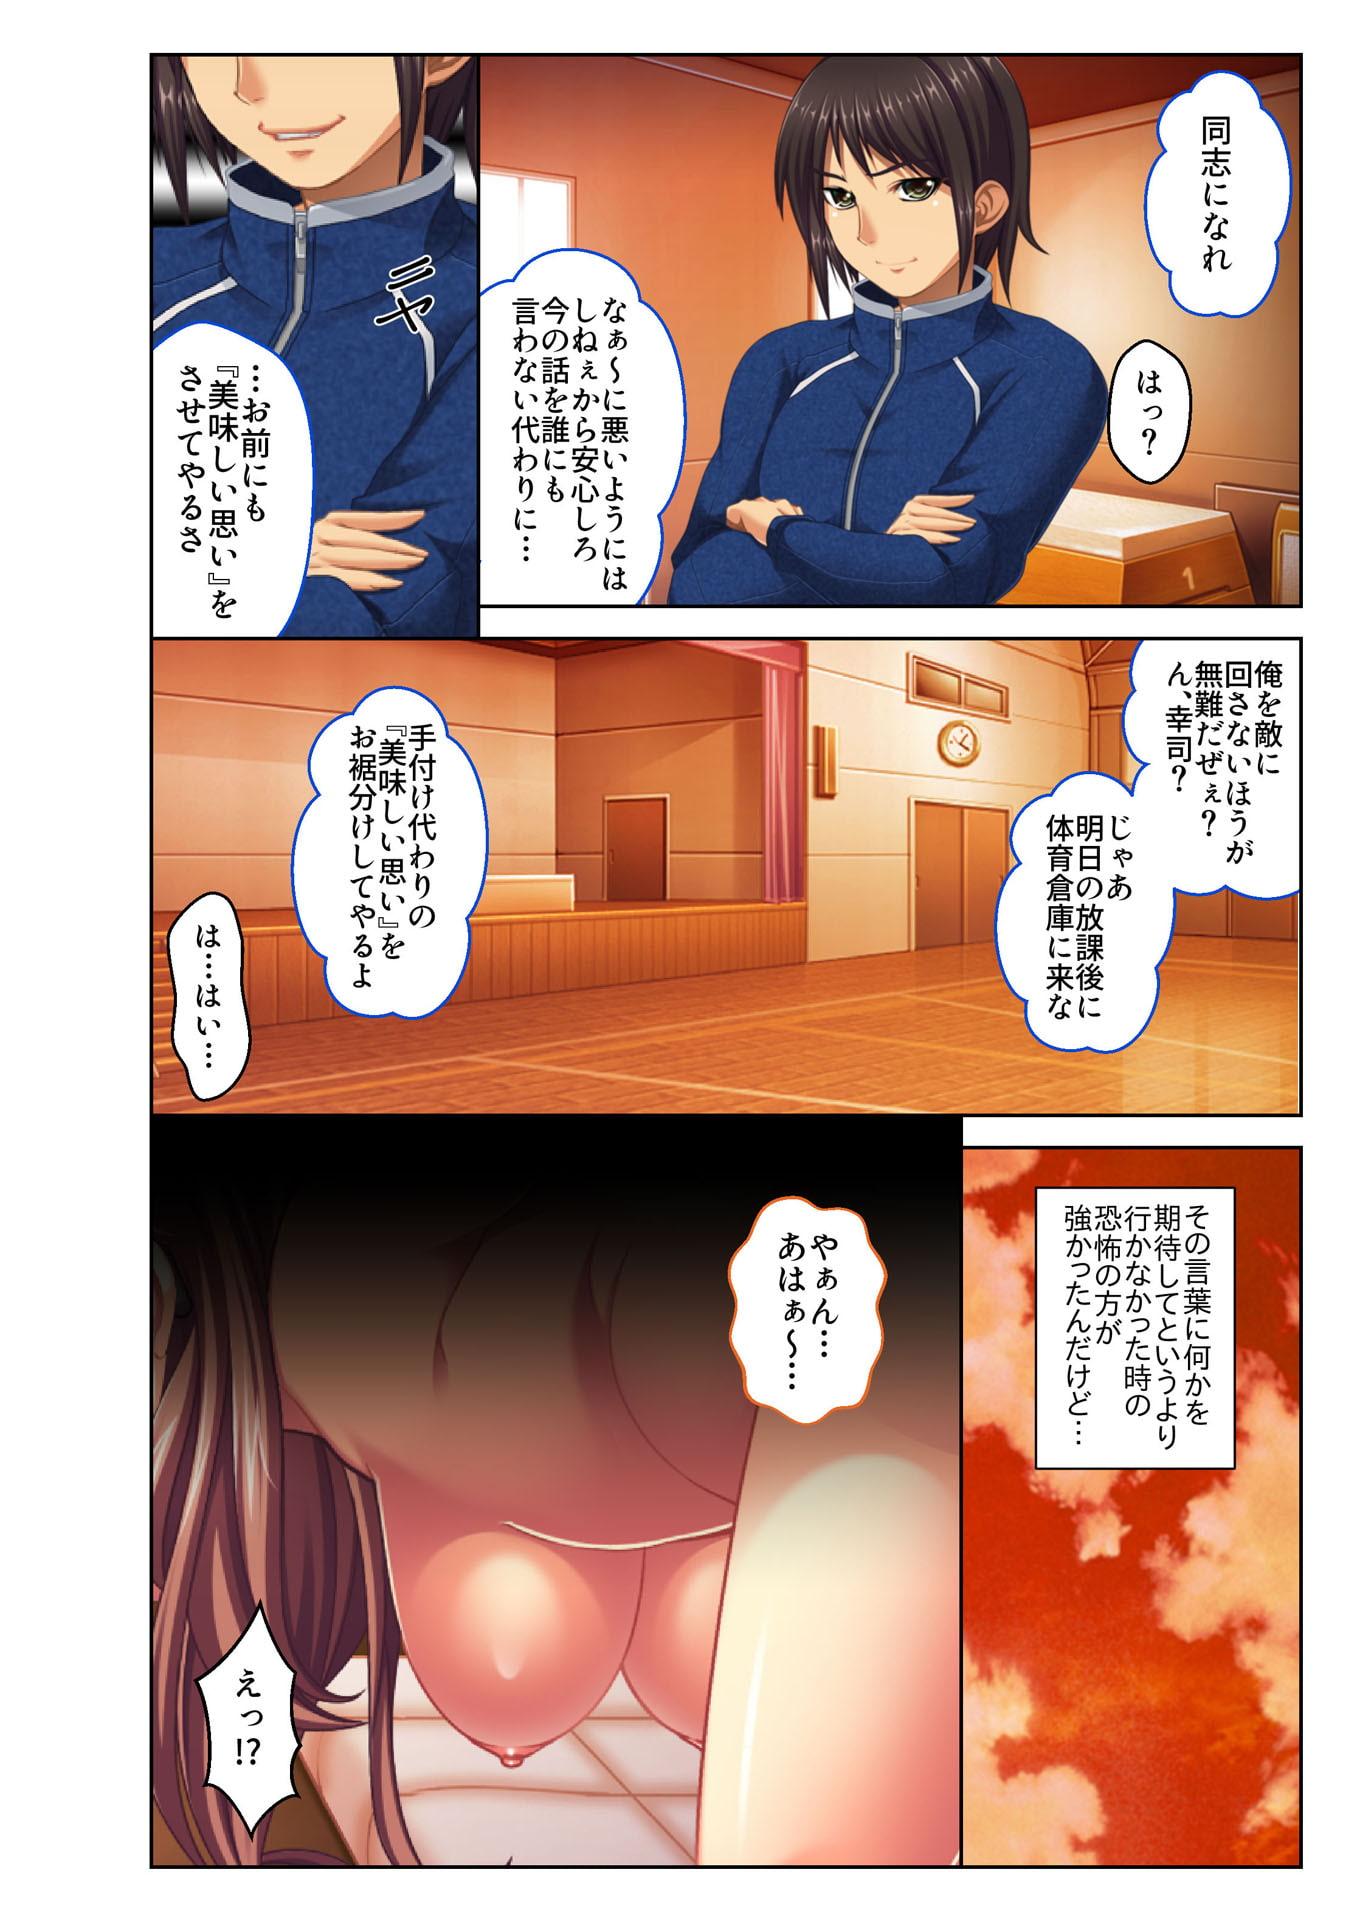 【フルカラー】ご褒美えっち! ~水着をズラして好きなだけ~(1)